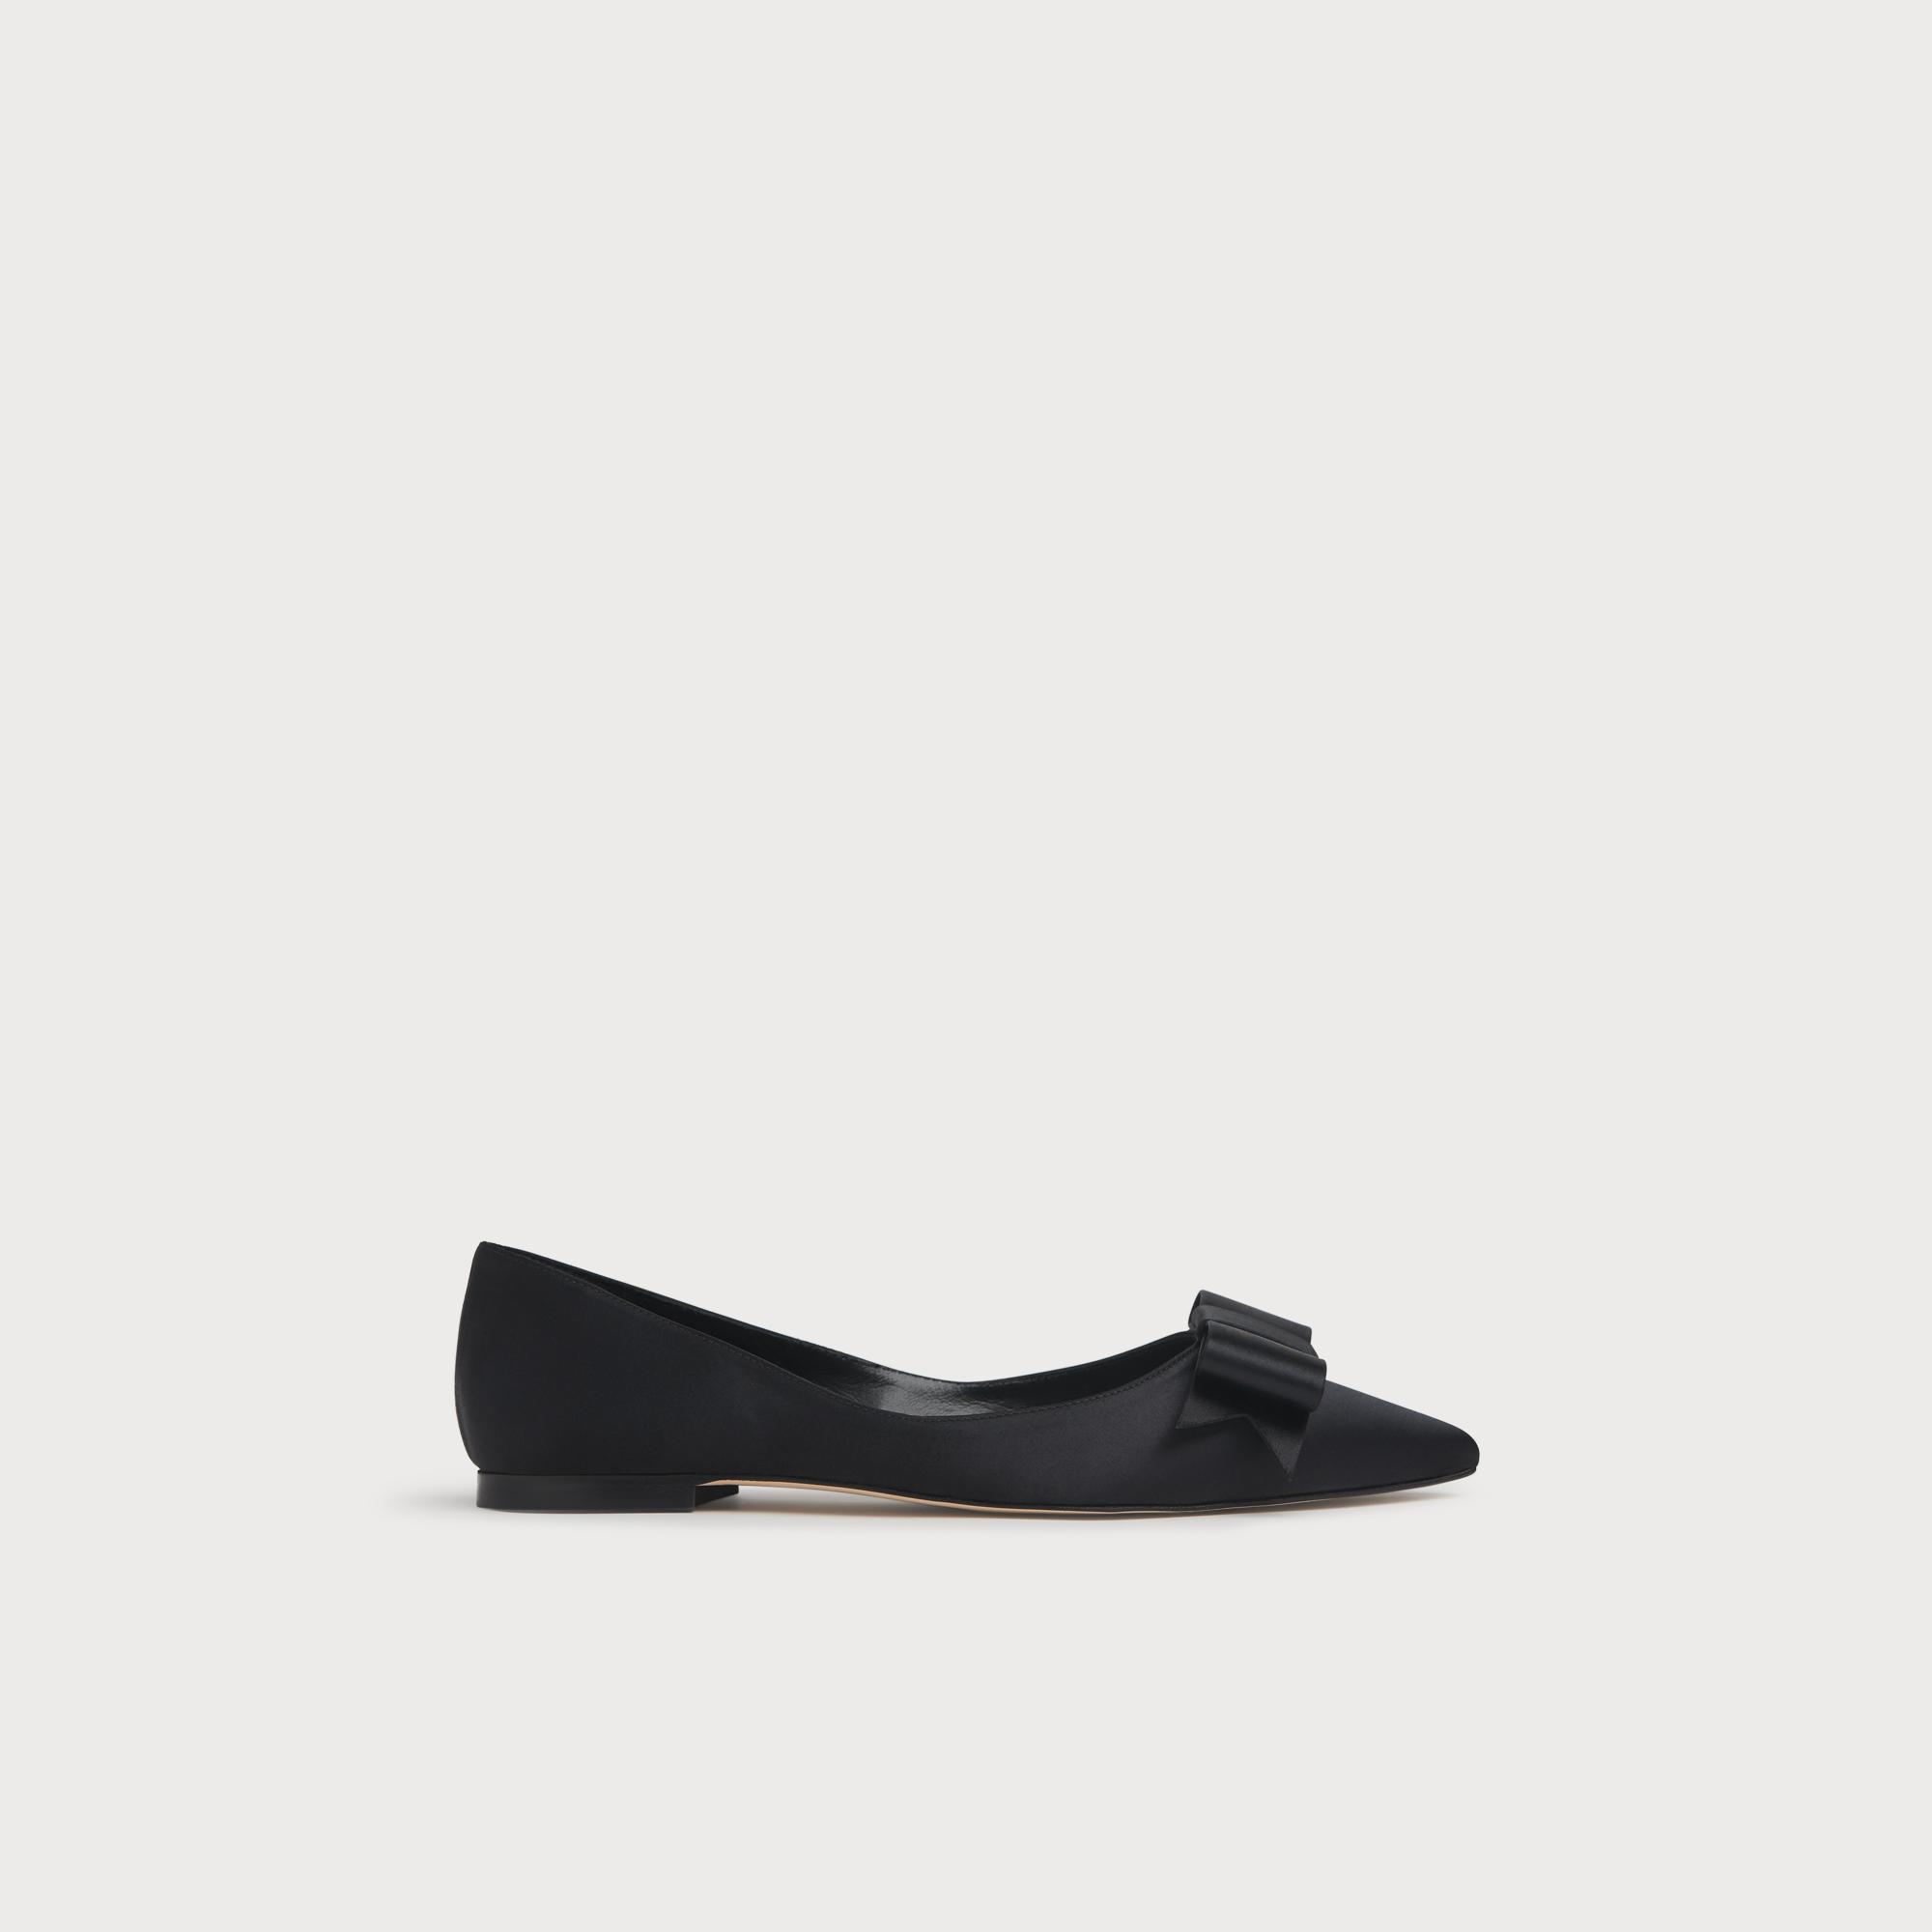 Luxury Shoes from L.K.Bennett, London